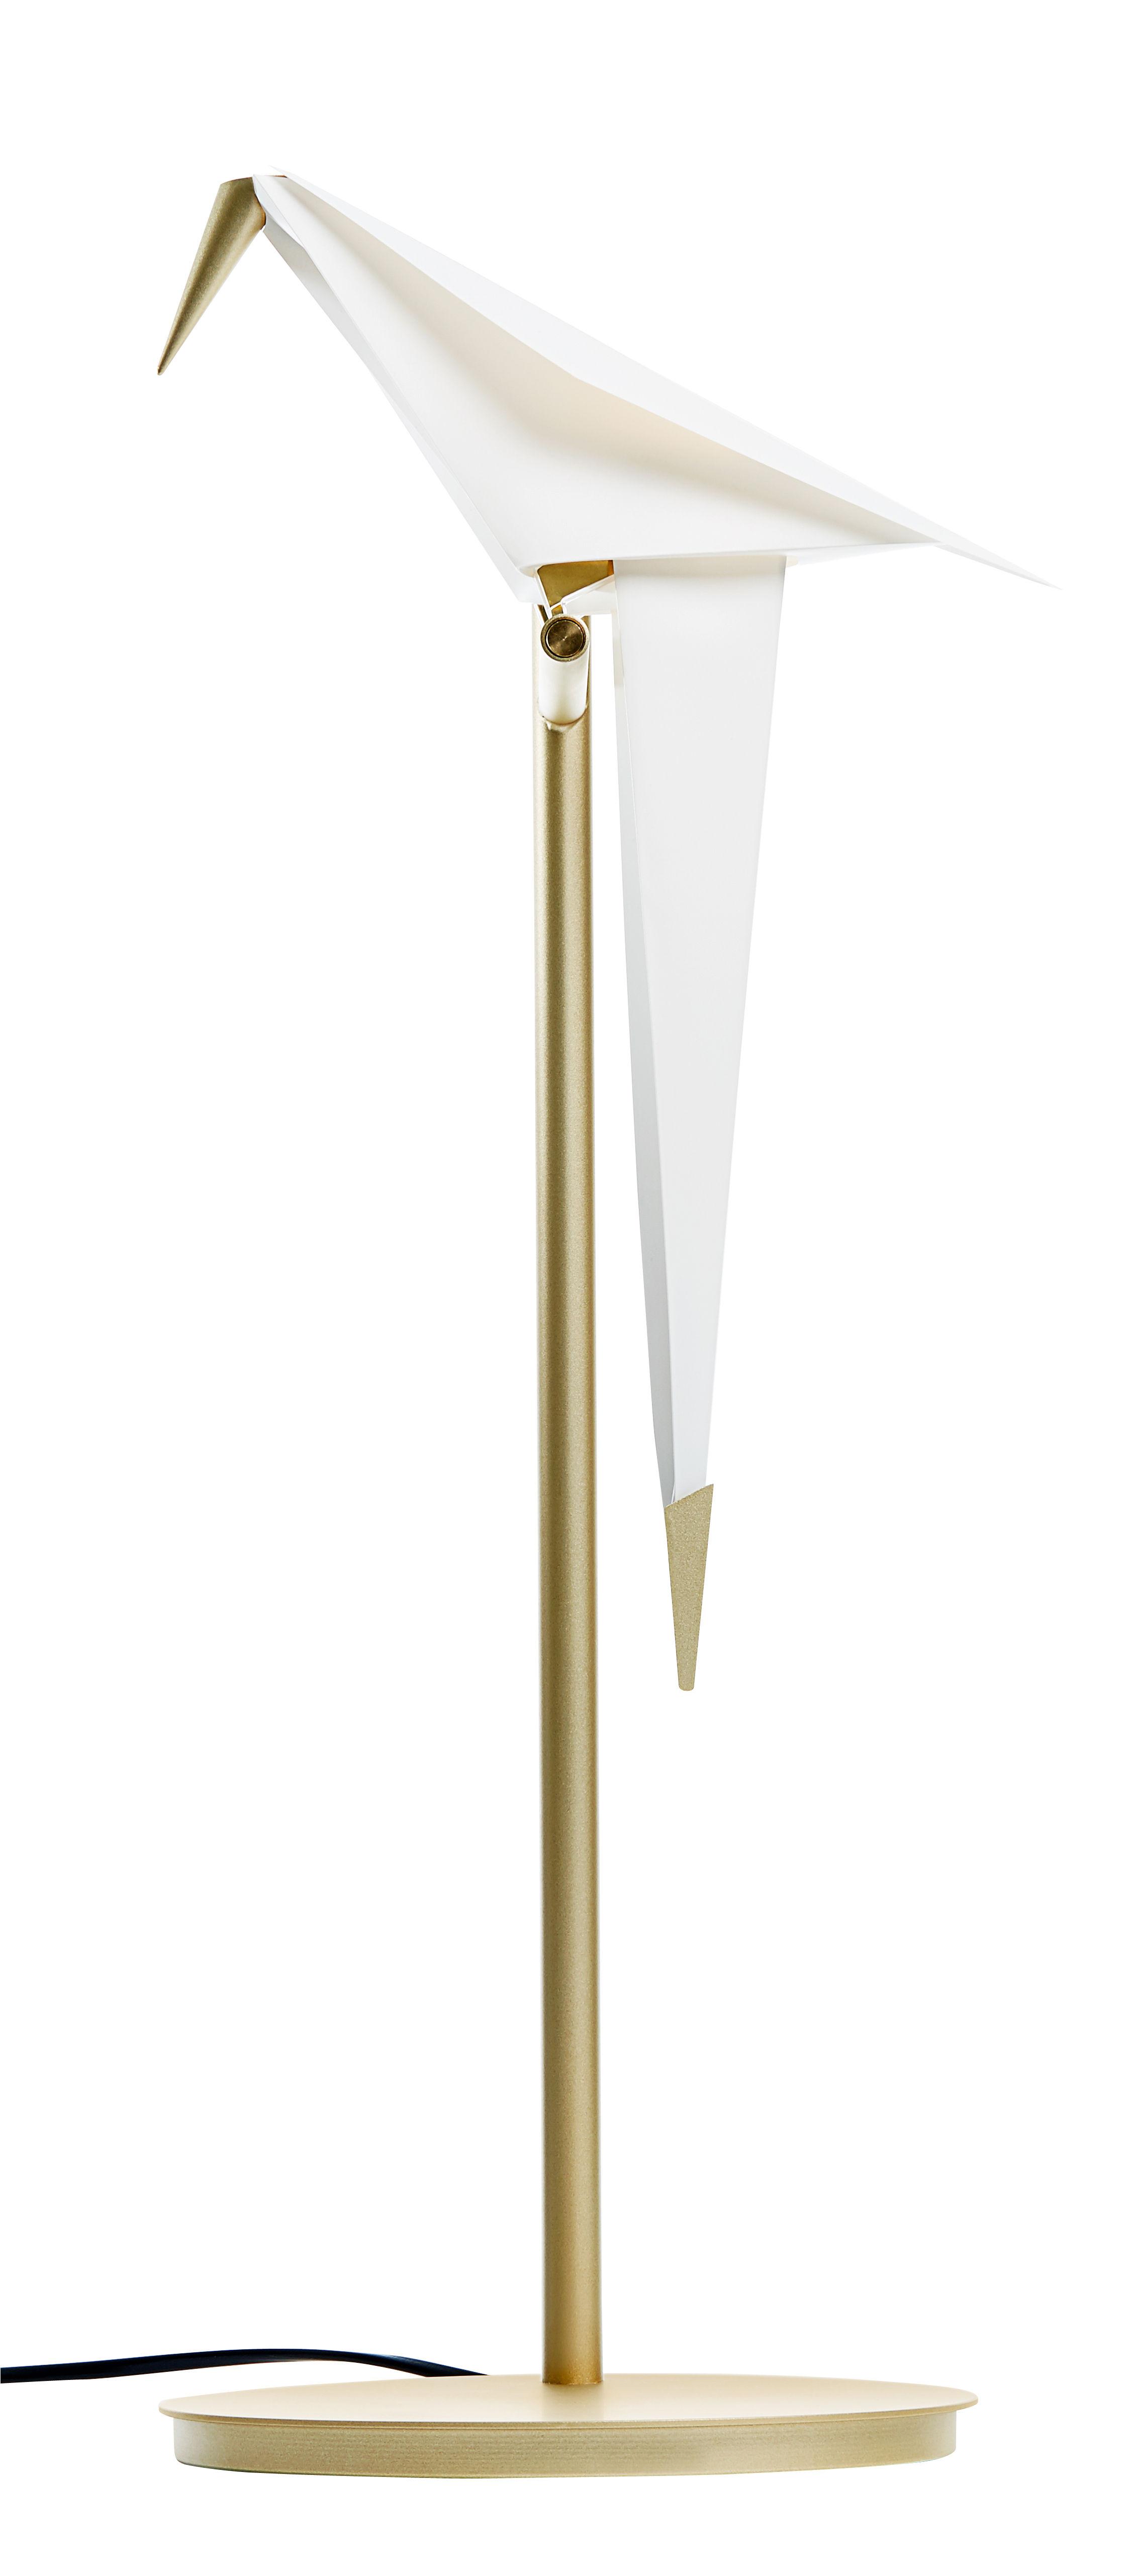 Illuminazione - Lampade da tavolo - Lampada da posa Perch Light LED - / Uccello mobile - H 61 cm di Moooi - Bianco & ottone - Acciaio, Alluminio, Polipropilene